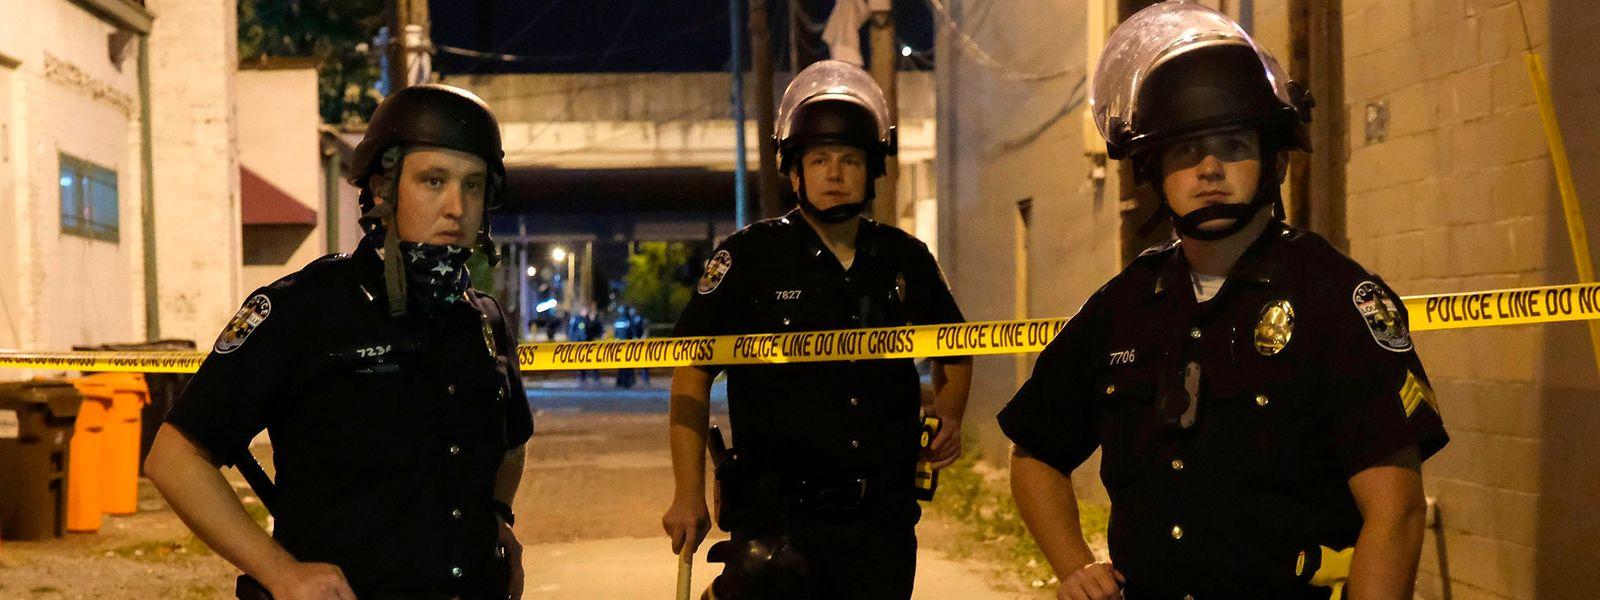 Polizisten in der Nähe des Tatorts in Louisville, auf dem zwei Polizisten angeschossen wurden.